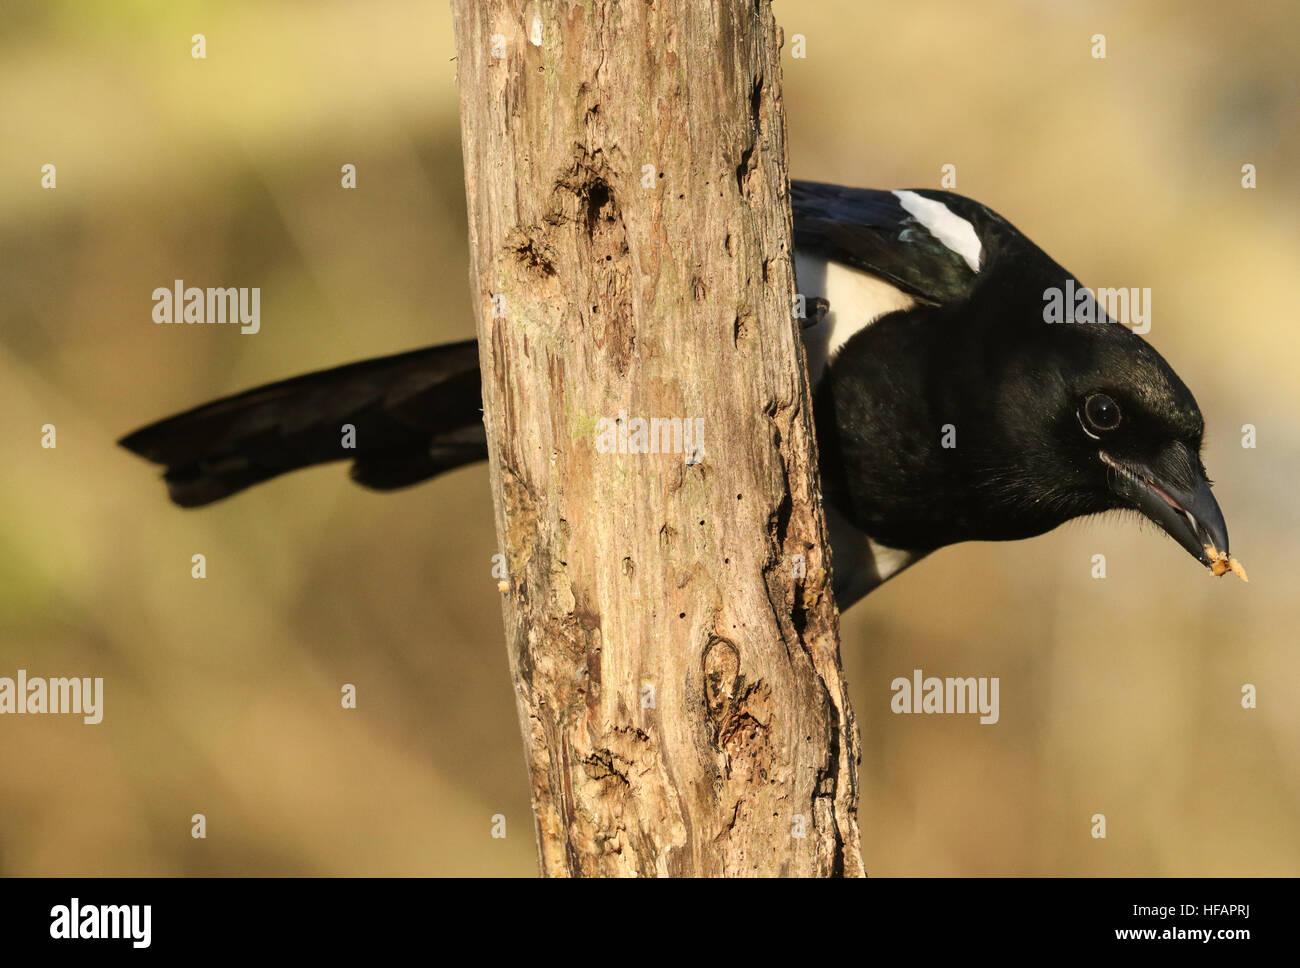 Eine Fütterung Elster (Pica Pica) aus der Familie der Krähen (Corvidae) mit Nahrung im Schnabel thront Stockbild